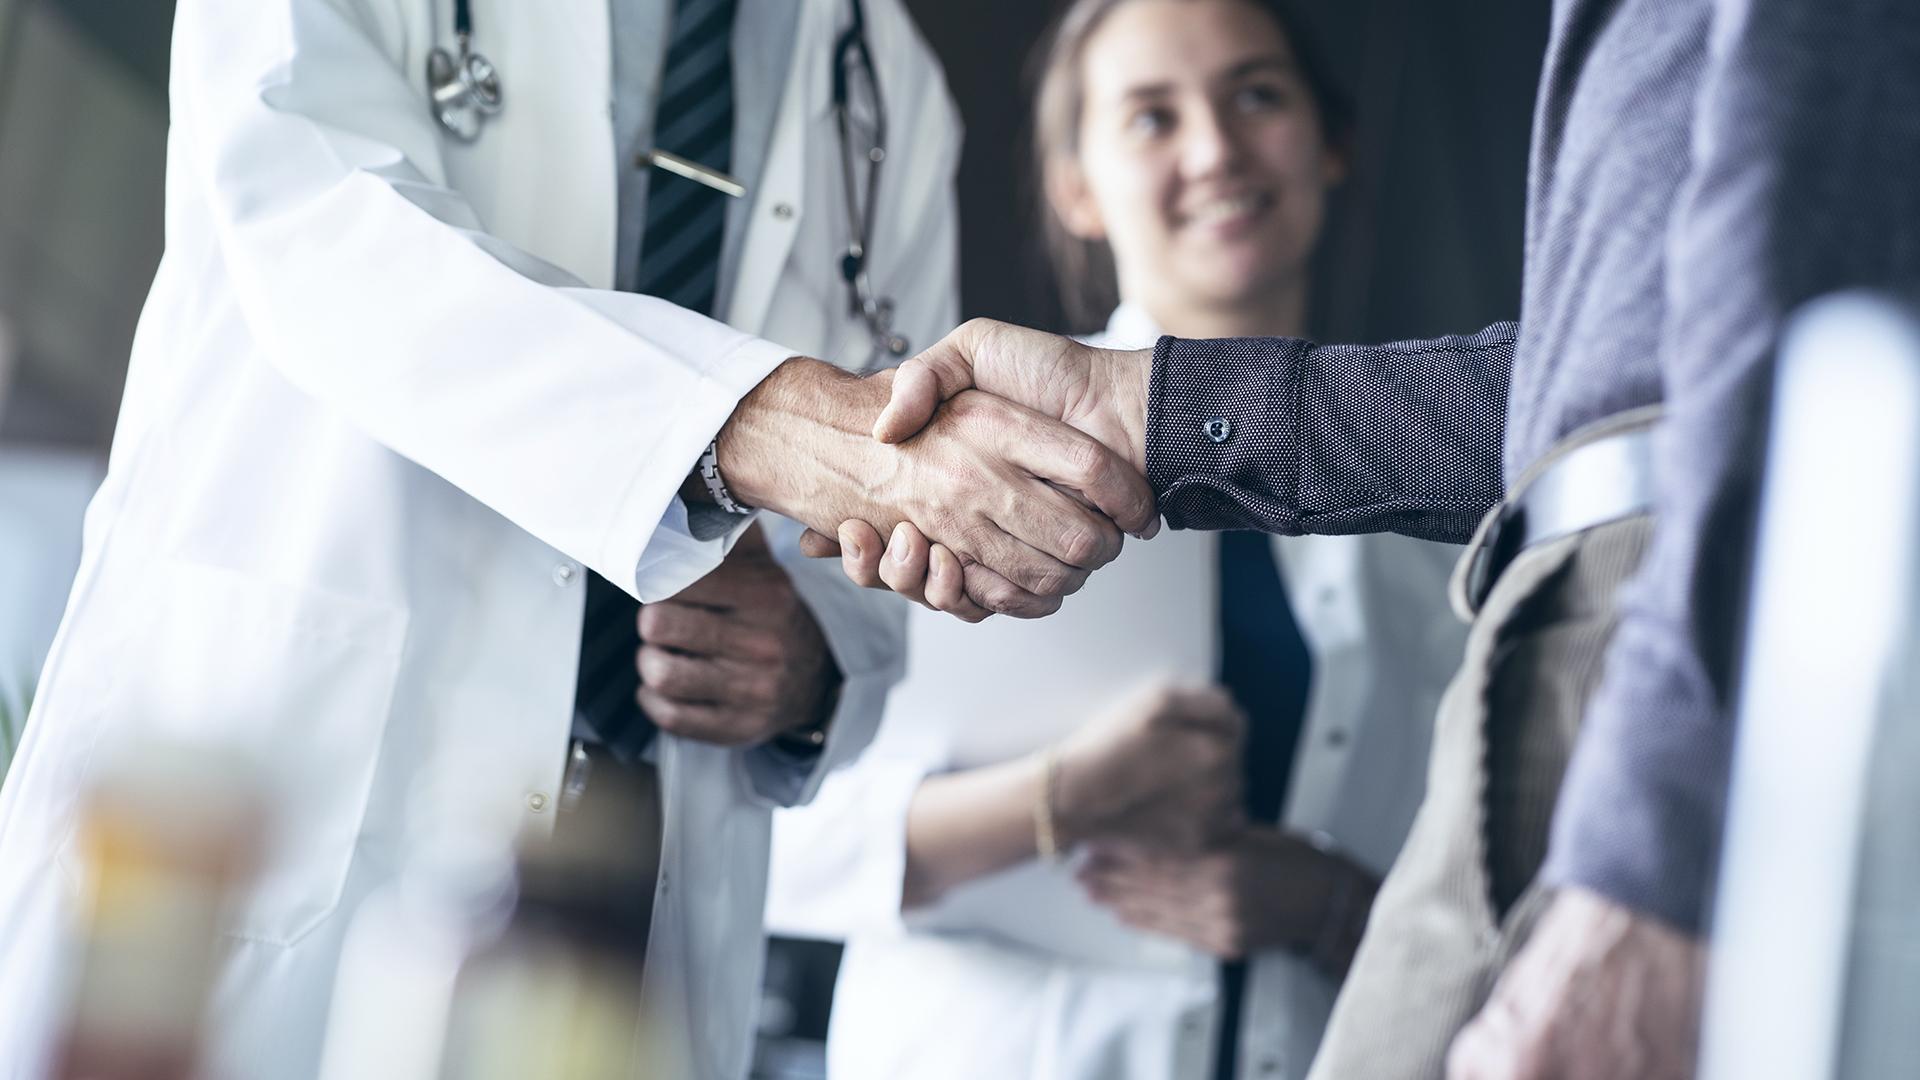 doctor-health-healthcare-medicine-concept